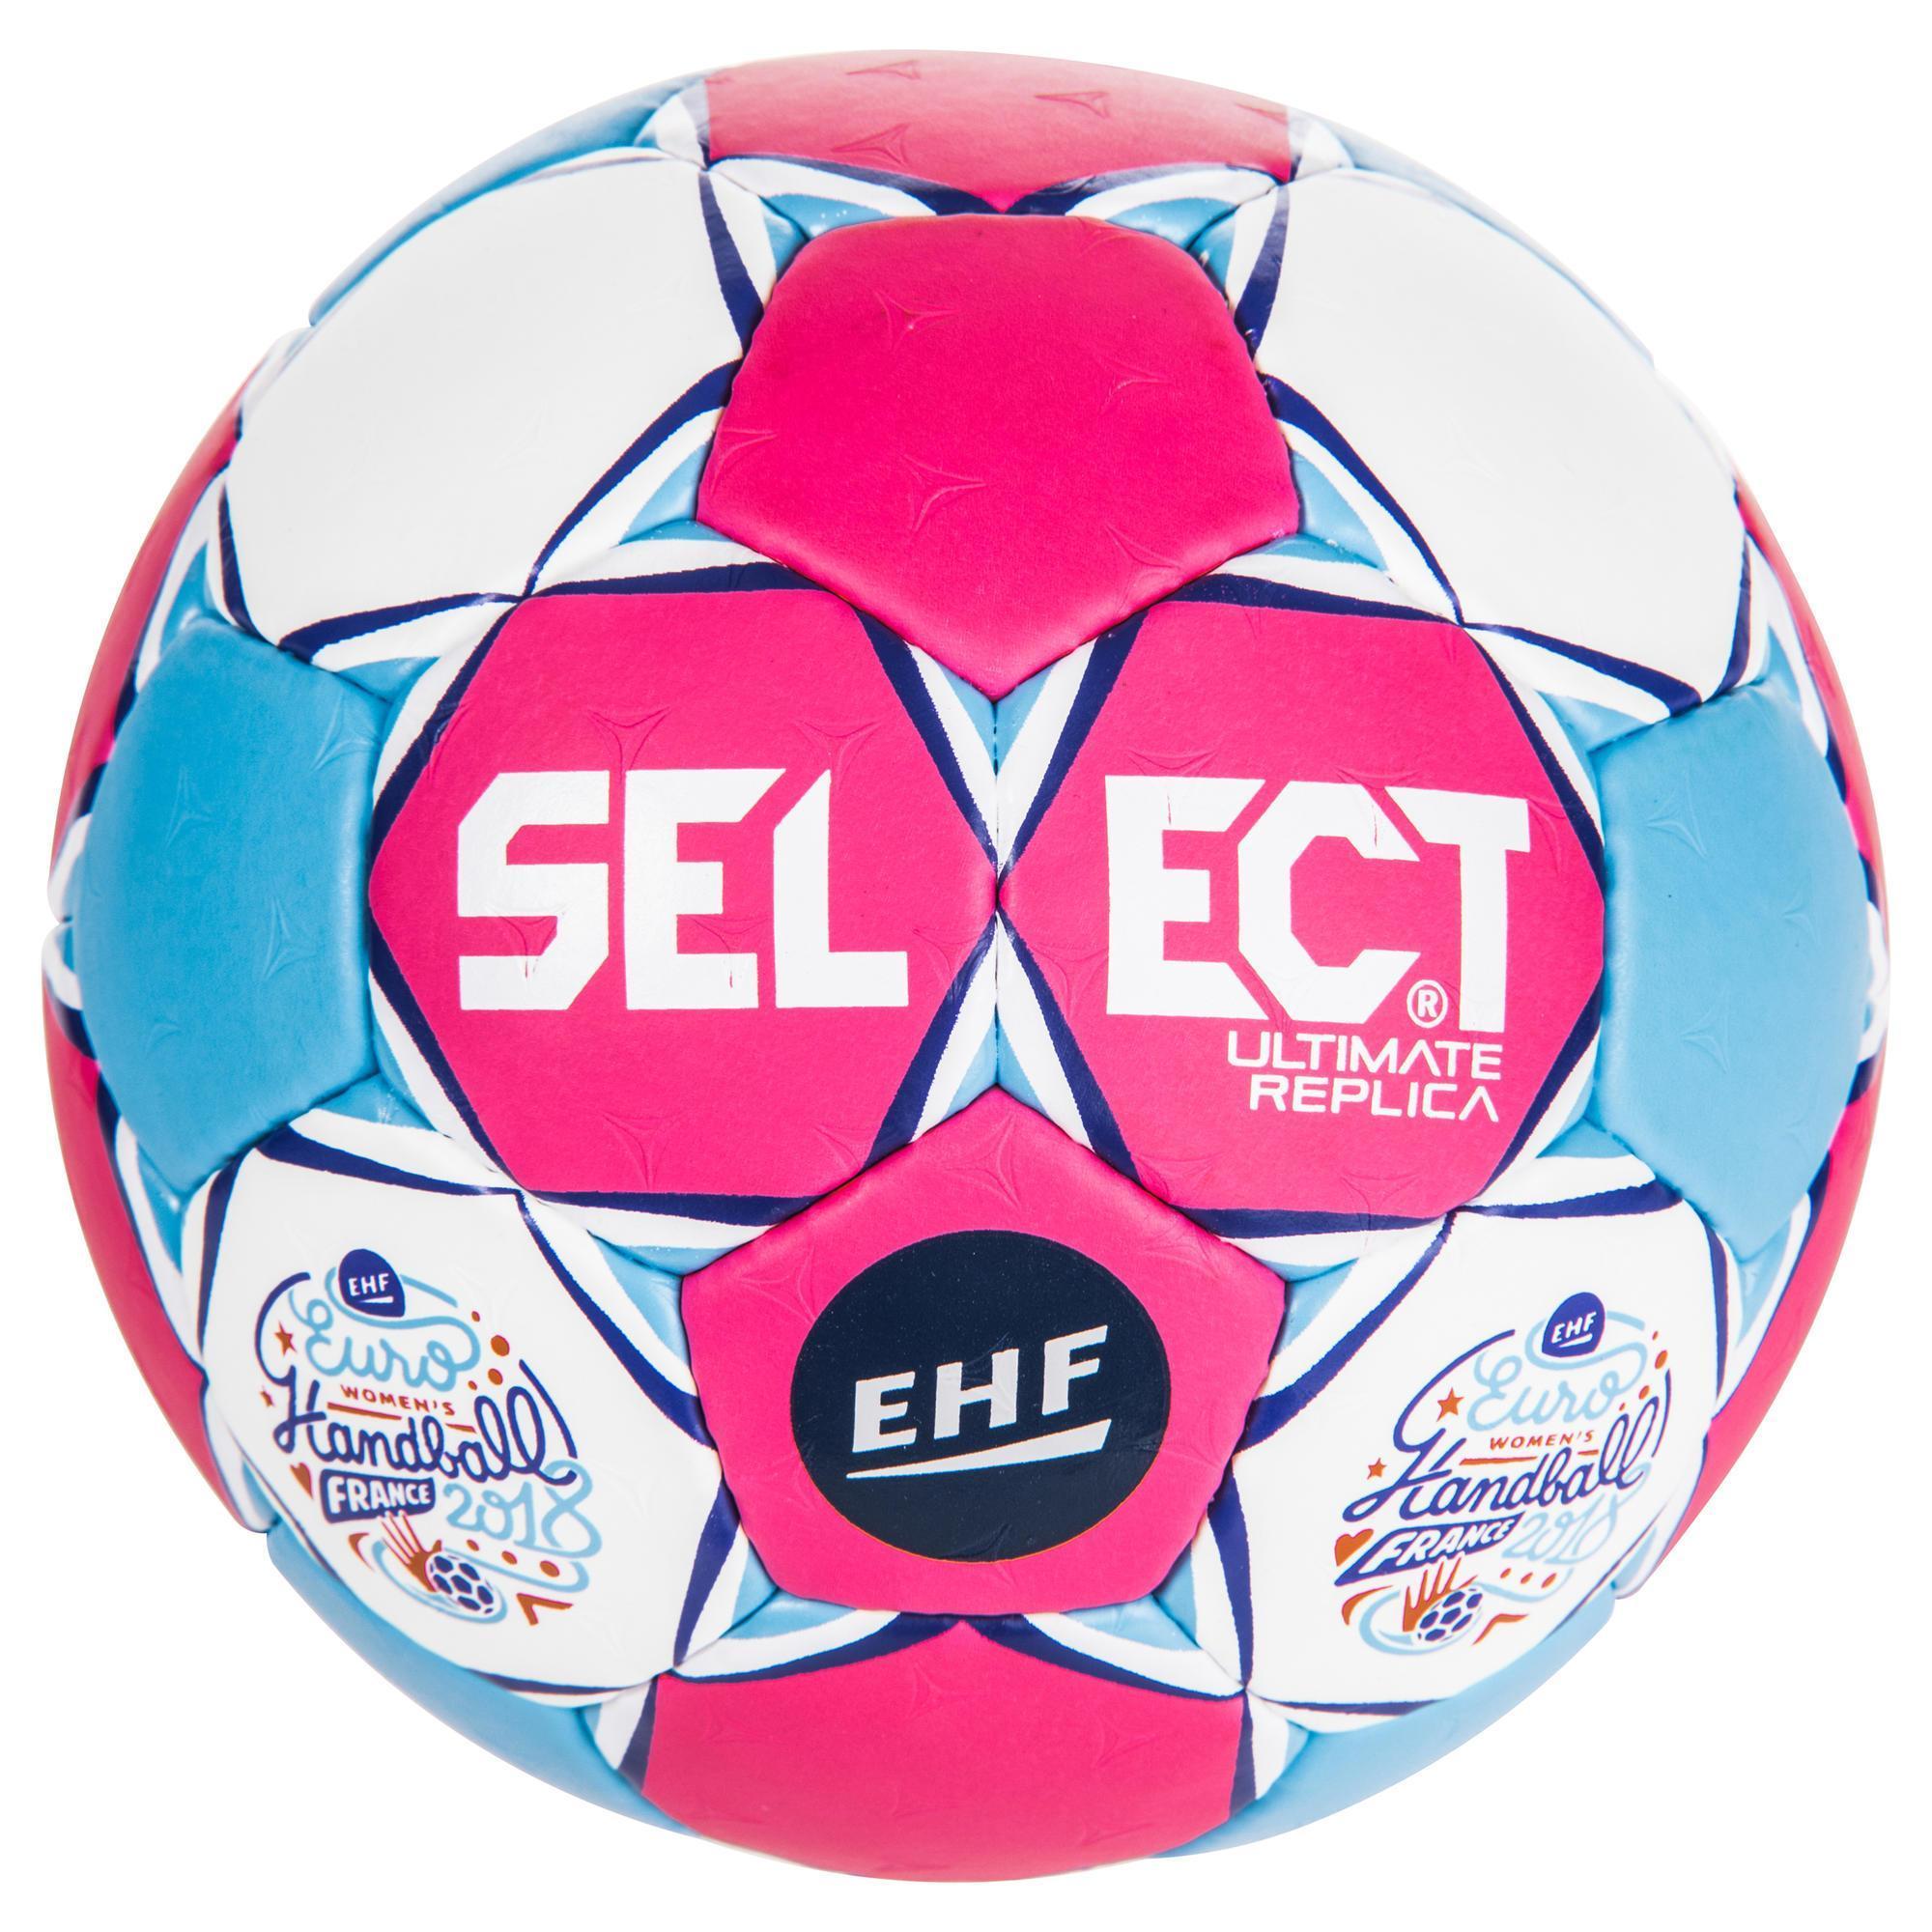 Handballen kopen met voordeel